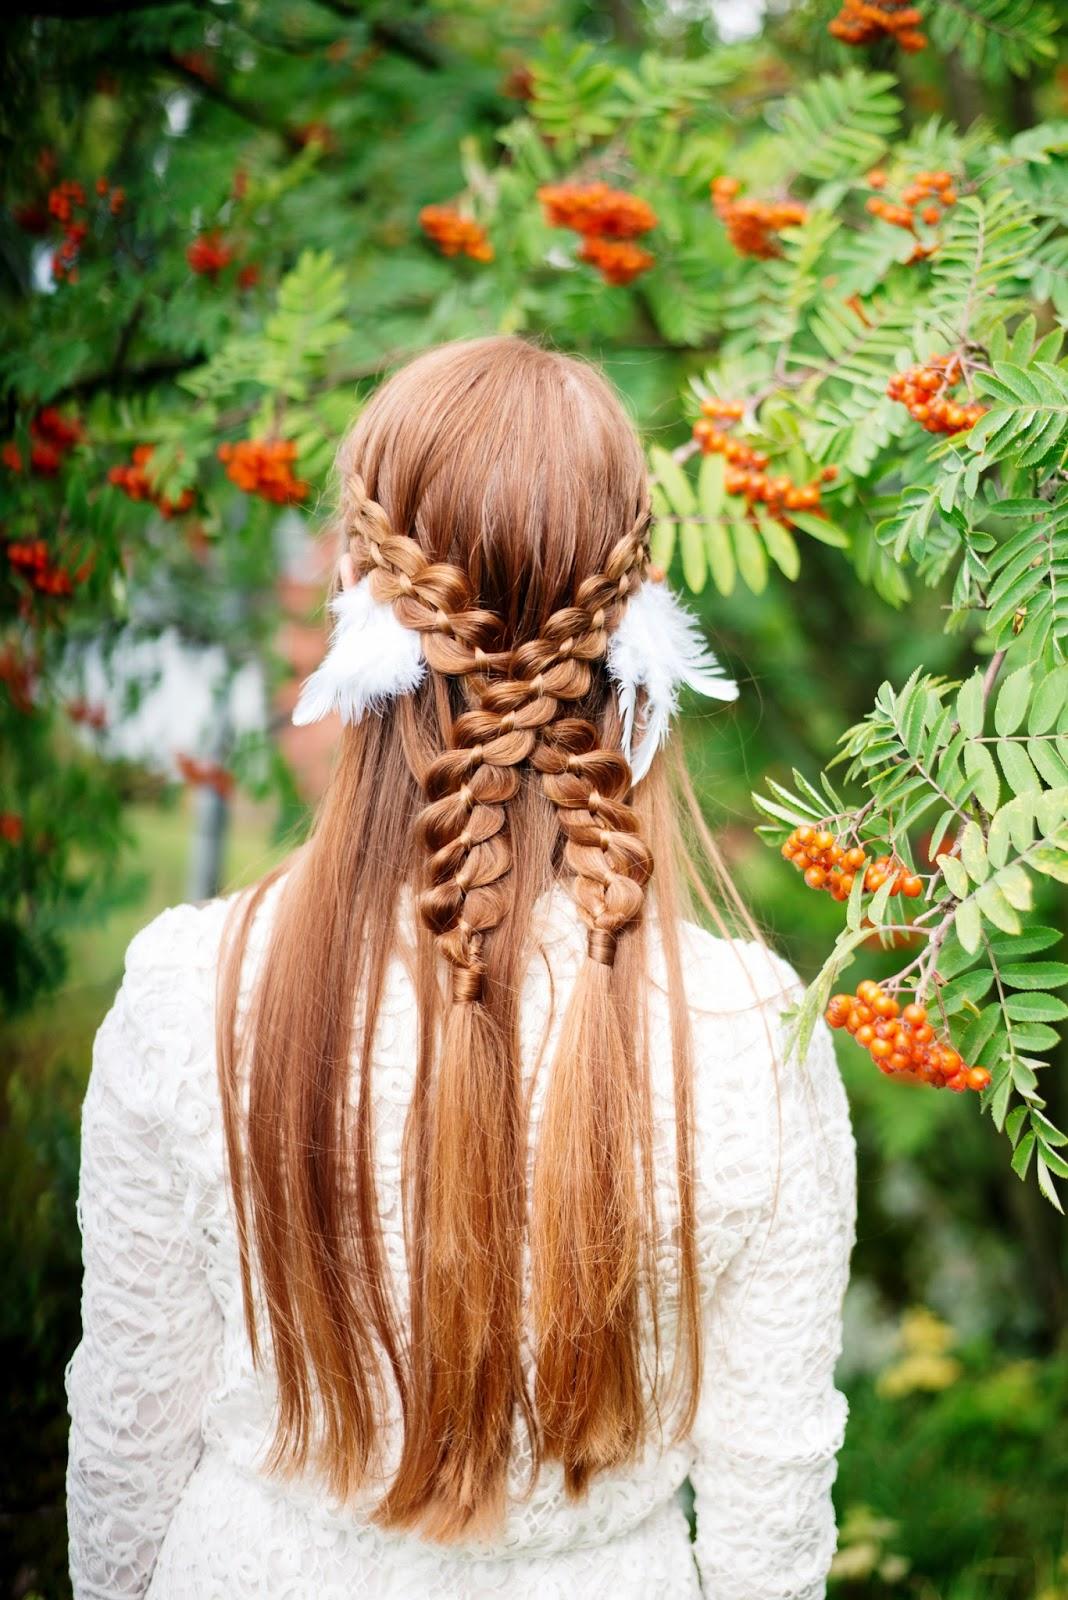 id lettikampaukset hiukset kampaukset inspiraatio fantasia jennishairdays